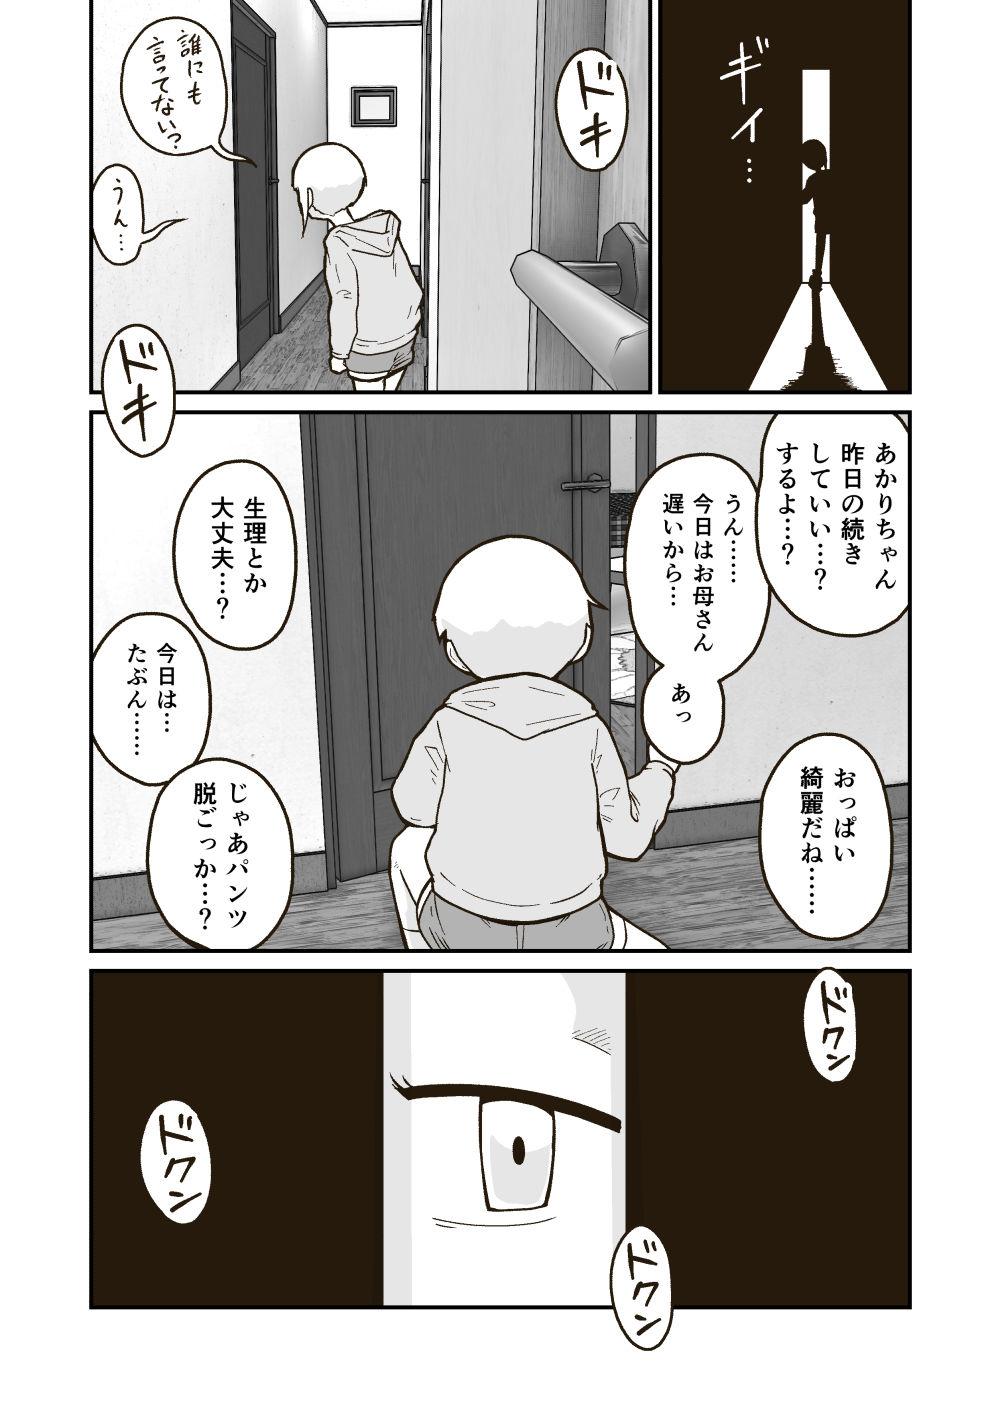 サンプル画像4:ひみつのこ〇も部屋(ギャラリークラフト) [d_200084]